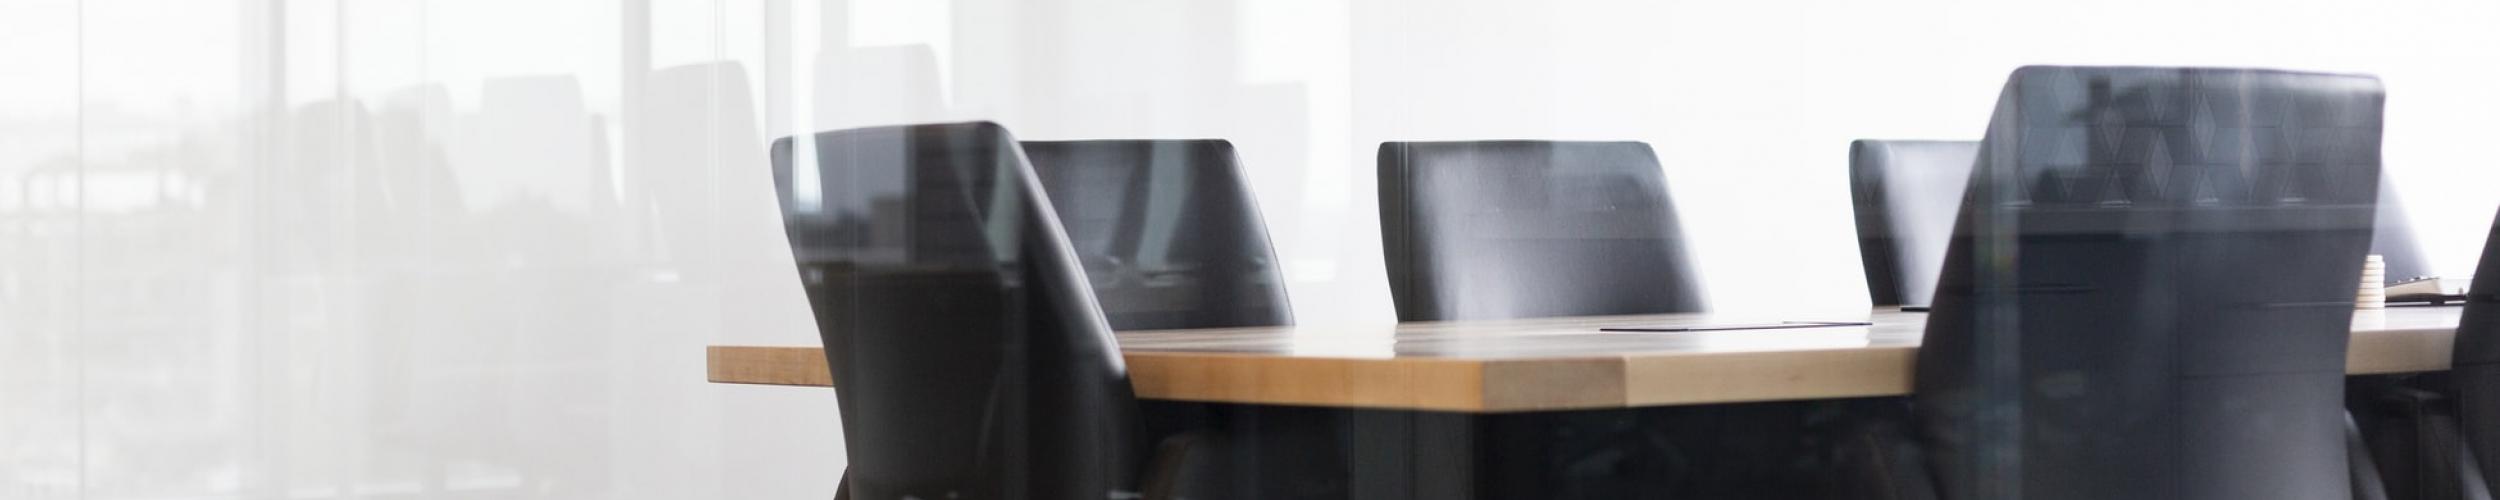 Middelgrote of grote KMO